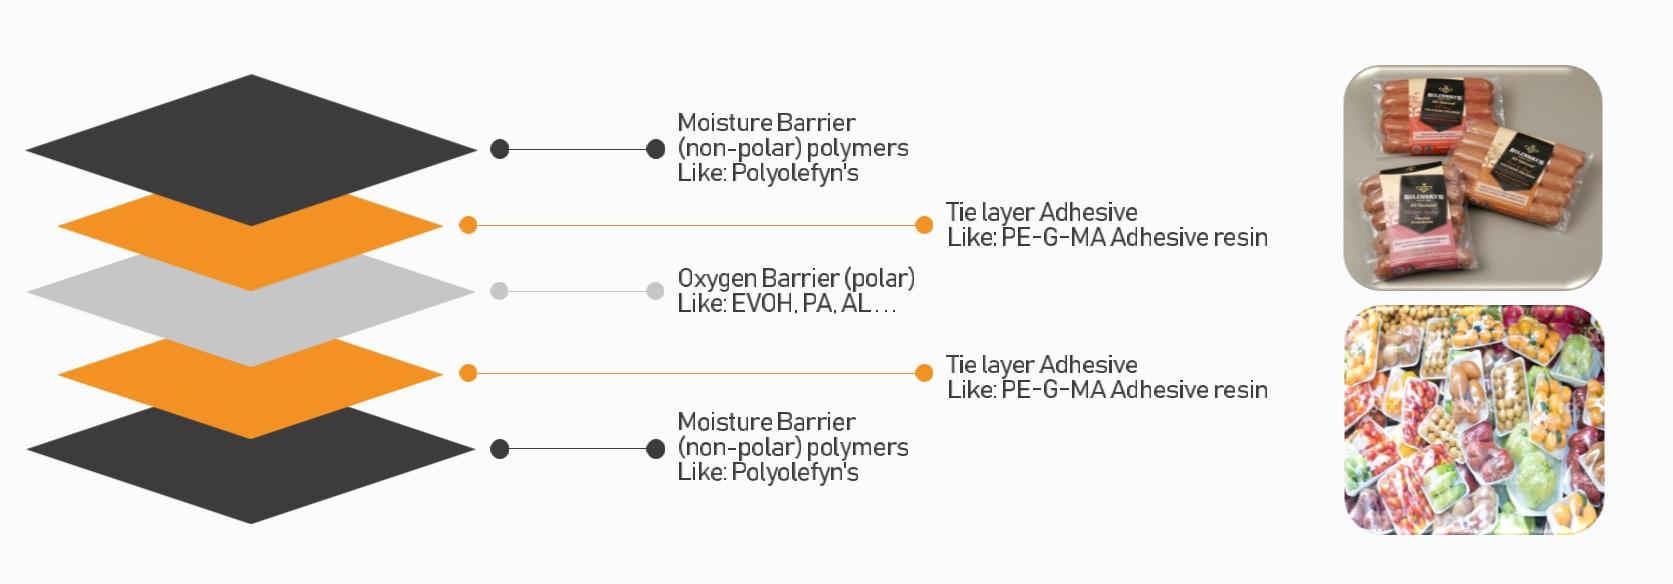 نقش چسب در بسته بندی های چند لایه